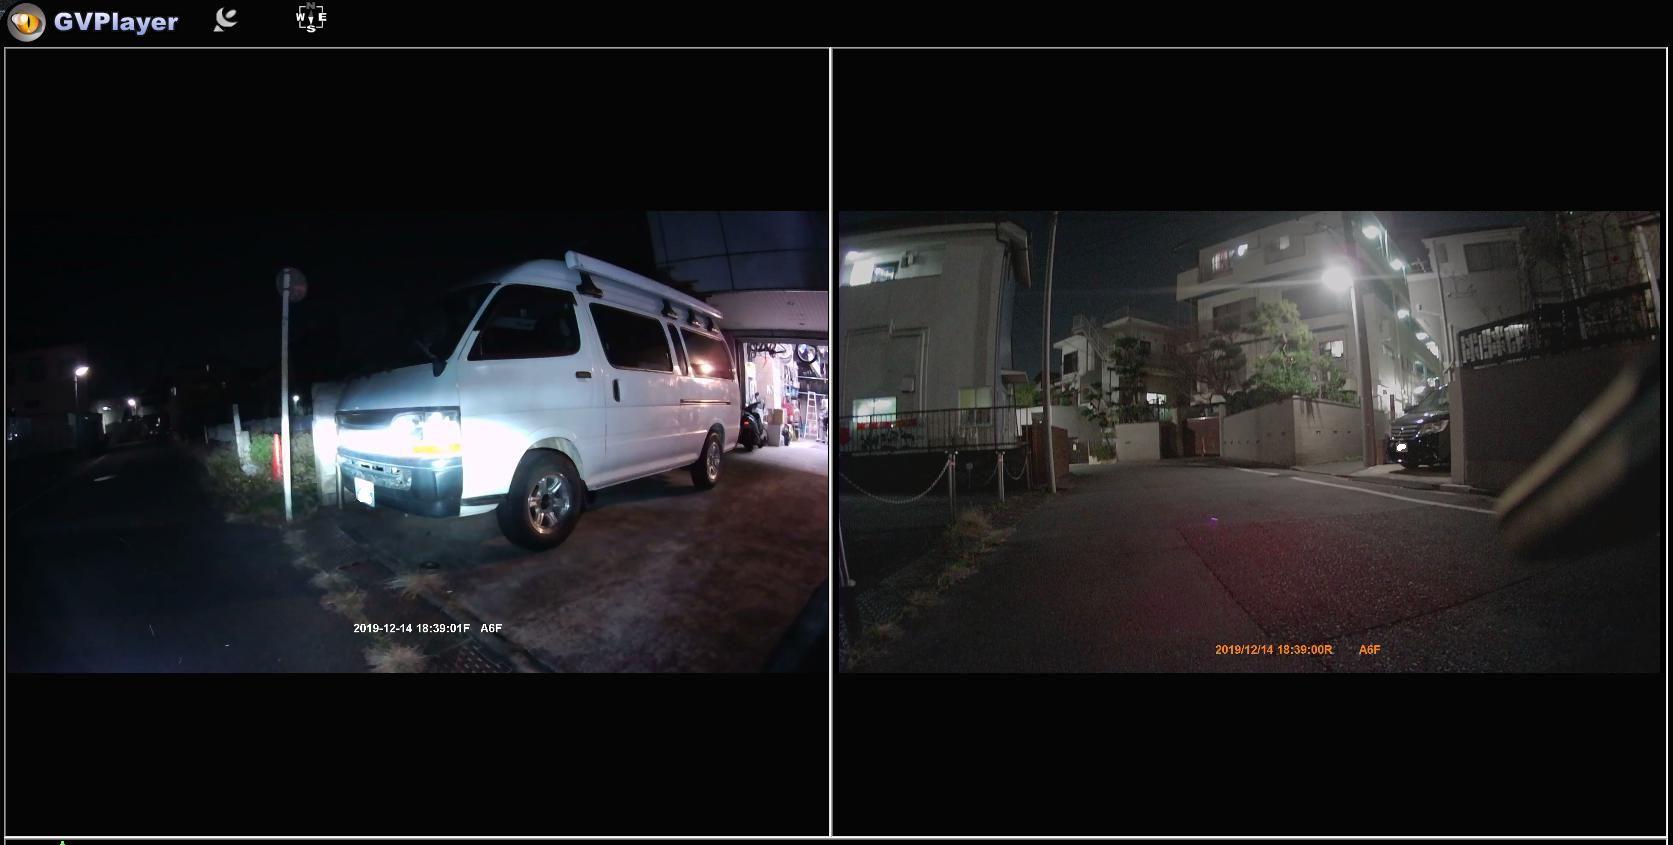 Vsysto「P6F-進化版」の夜間映像。